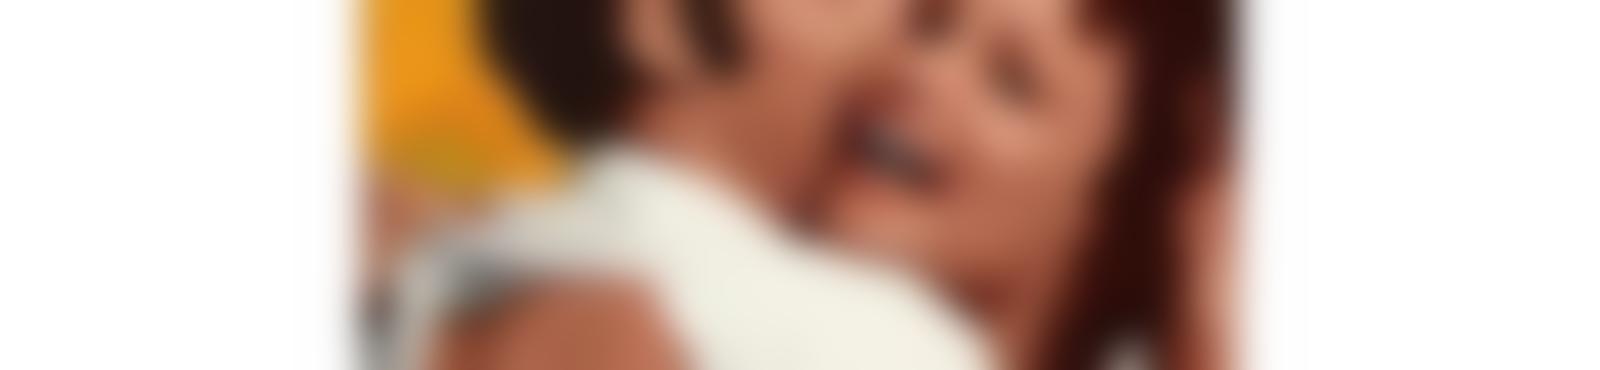 Blurred a6cec02c fb08 401b a14e bd2705a86ef0